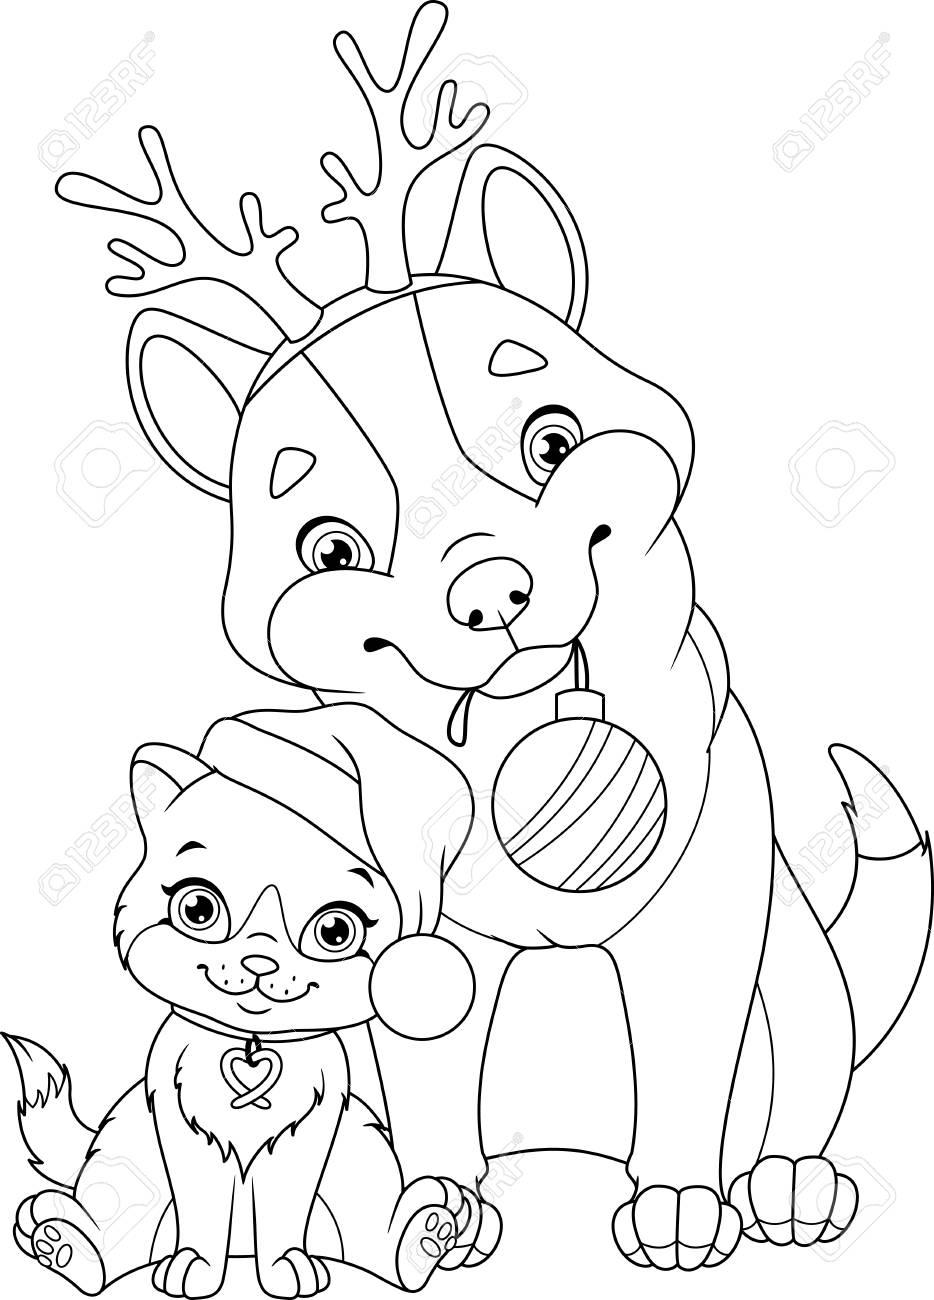 Coloriage Chat Noel.Chien De Noel Avec Chat Coloriage Clip Art Libres De Droits